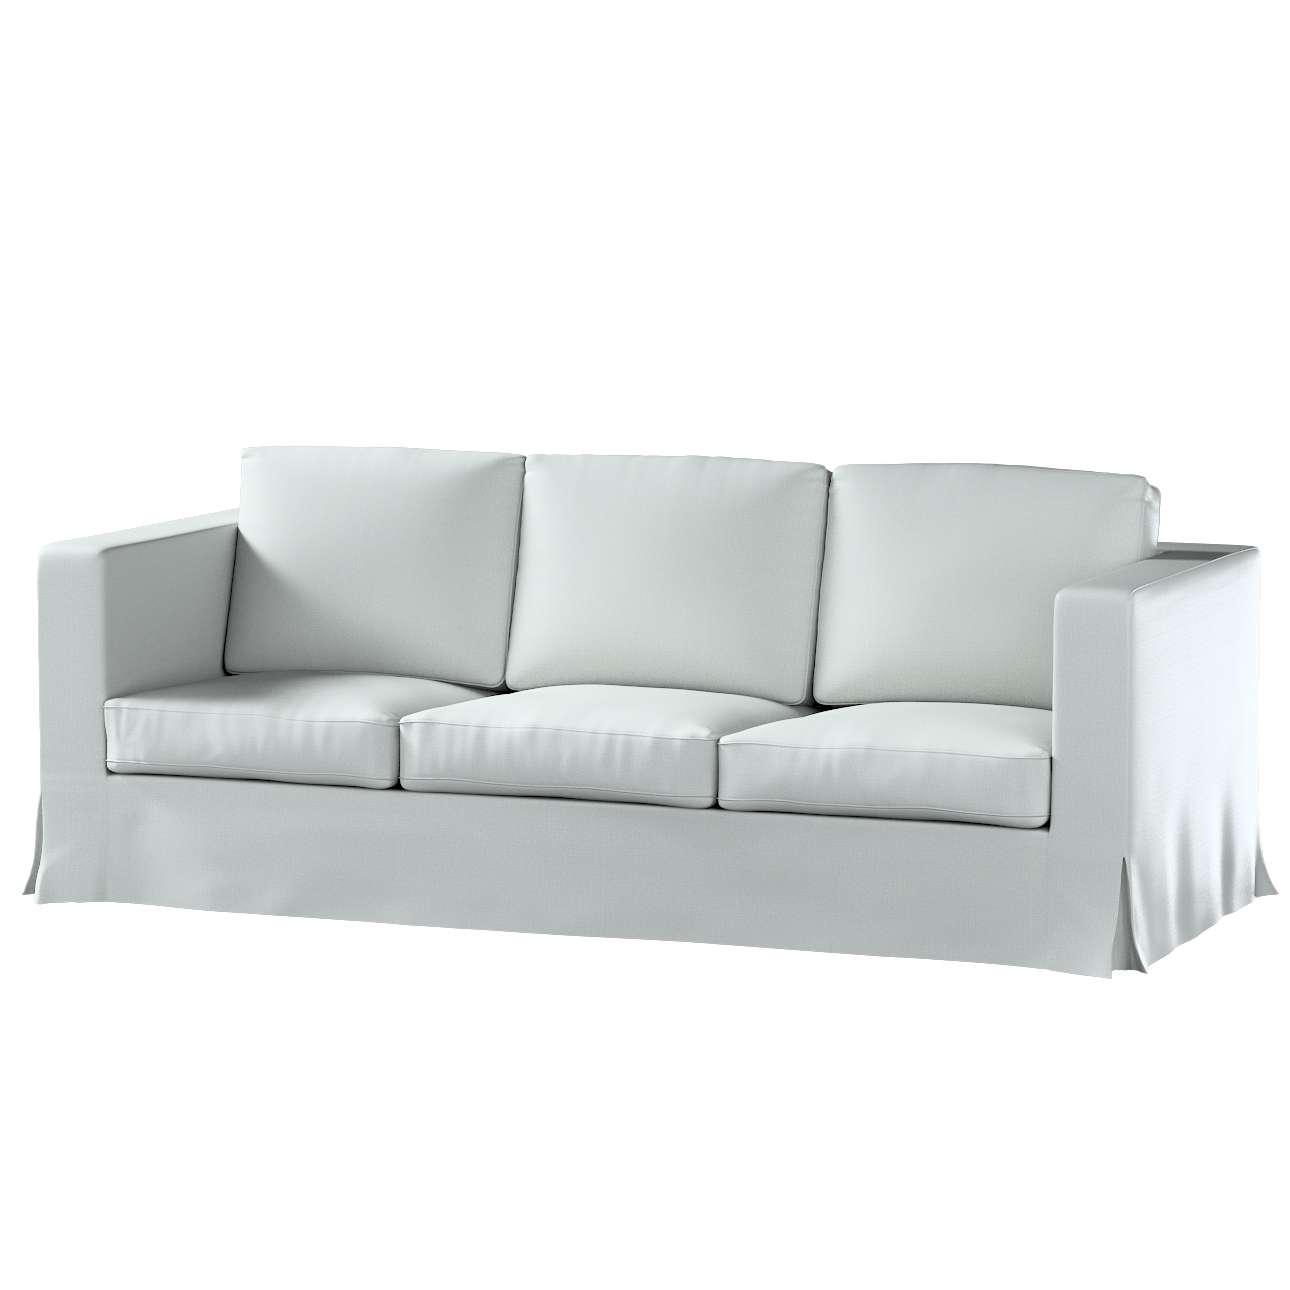 Bezug für Karlanda 3-Sitzer Sofa nicht ausklappbar, lang von der Kollektion Bergen, Stoff: 161-72